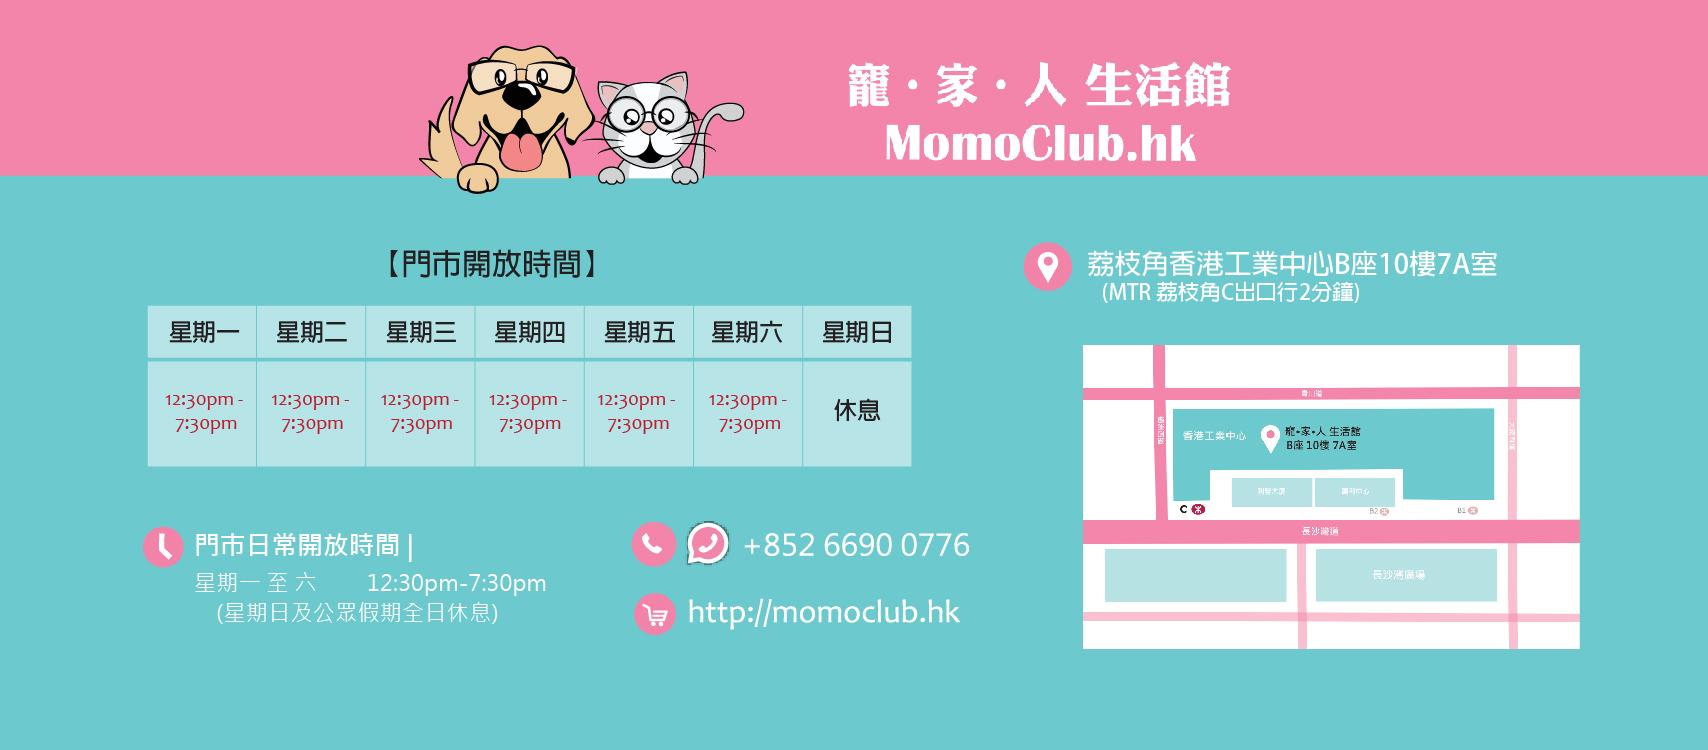 MomoClub.hk 商店介紹